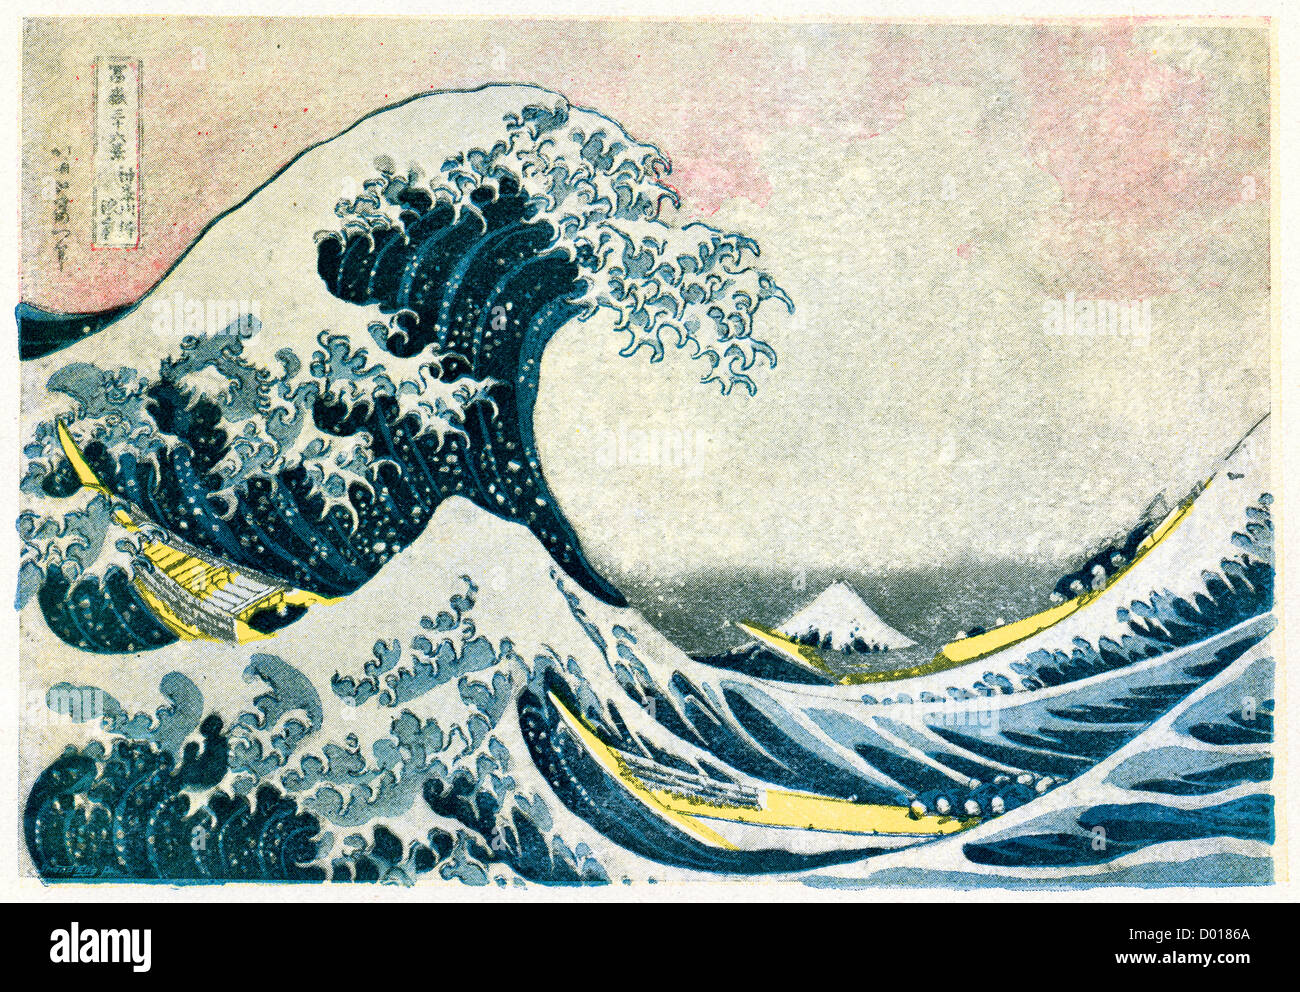 La gran ola de Kanagawa off, también conocida como la gran ola o simplemente el Wave, un grabado en madera por Hokusai Foto de stock